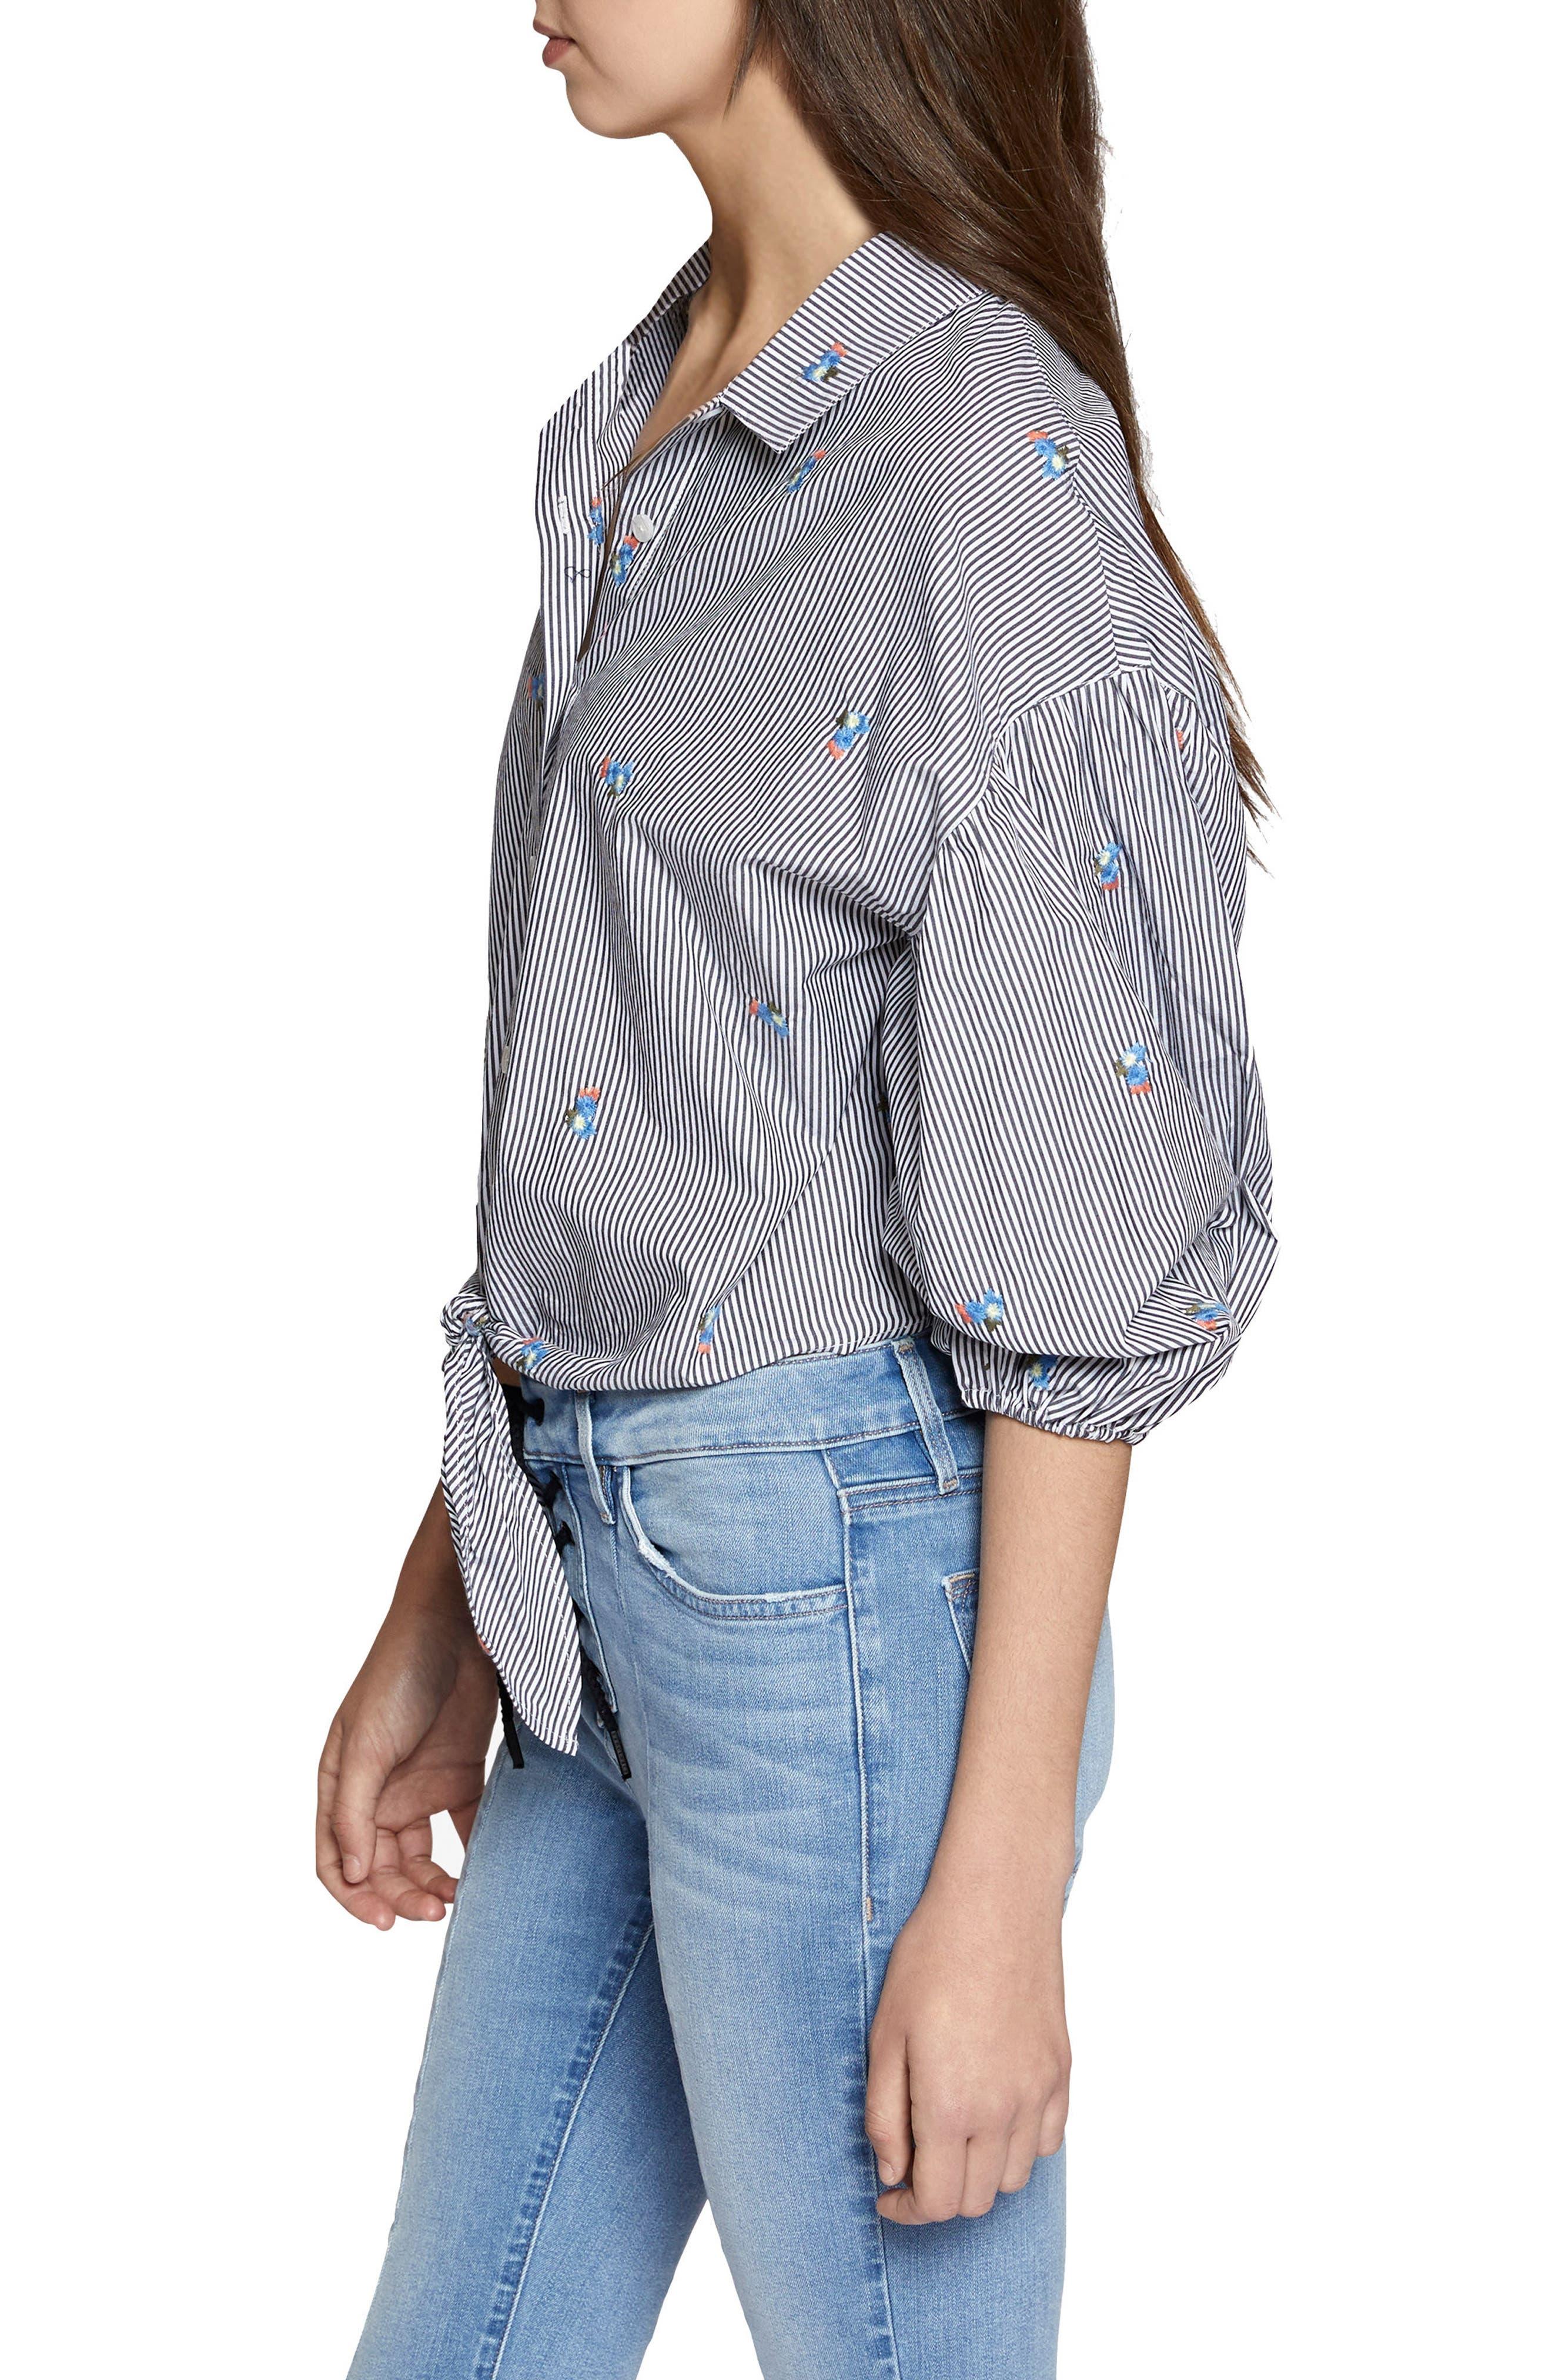 Clover Tie Front Cotton Shirt,                             Alternate thumbnail 5, color,